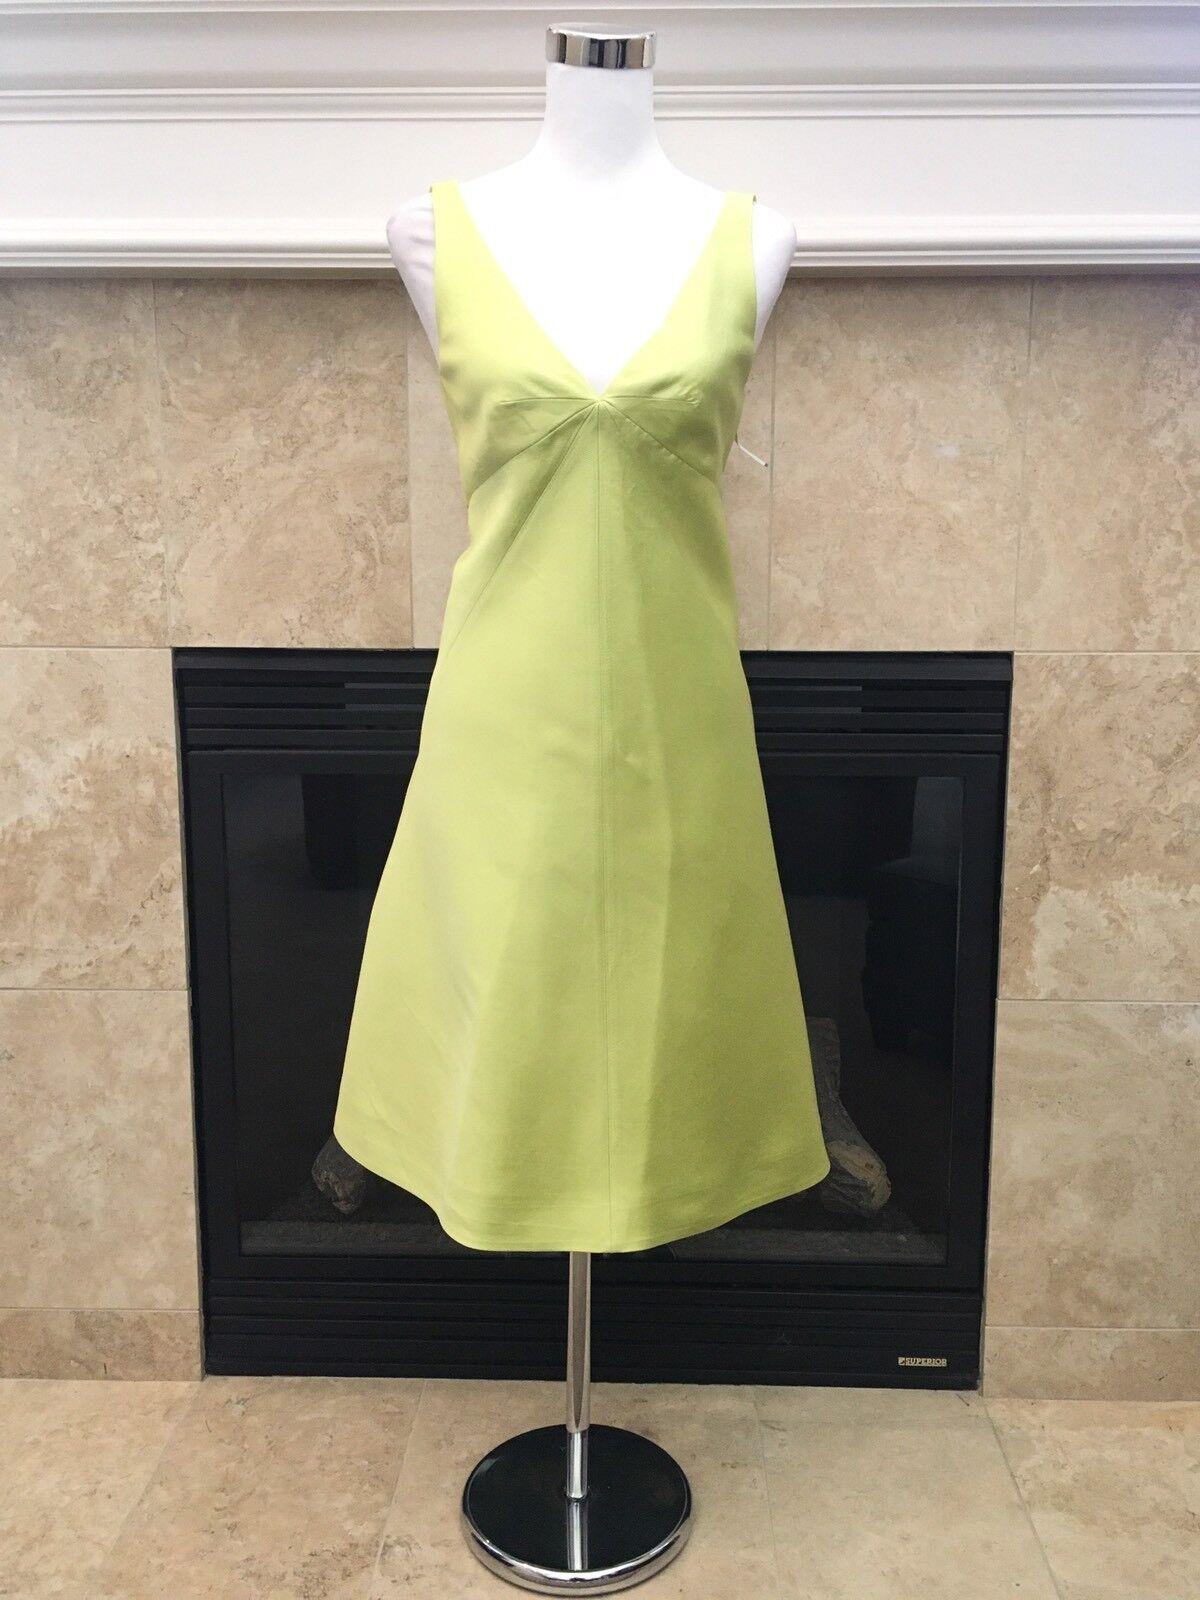 J. Crew vionette french silk twill dress in key key key lime green 6 NWT  275 4ffd61